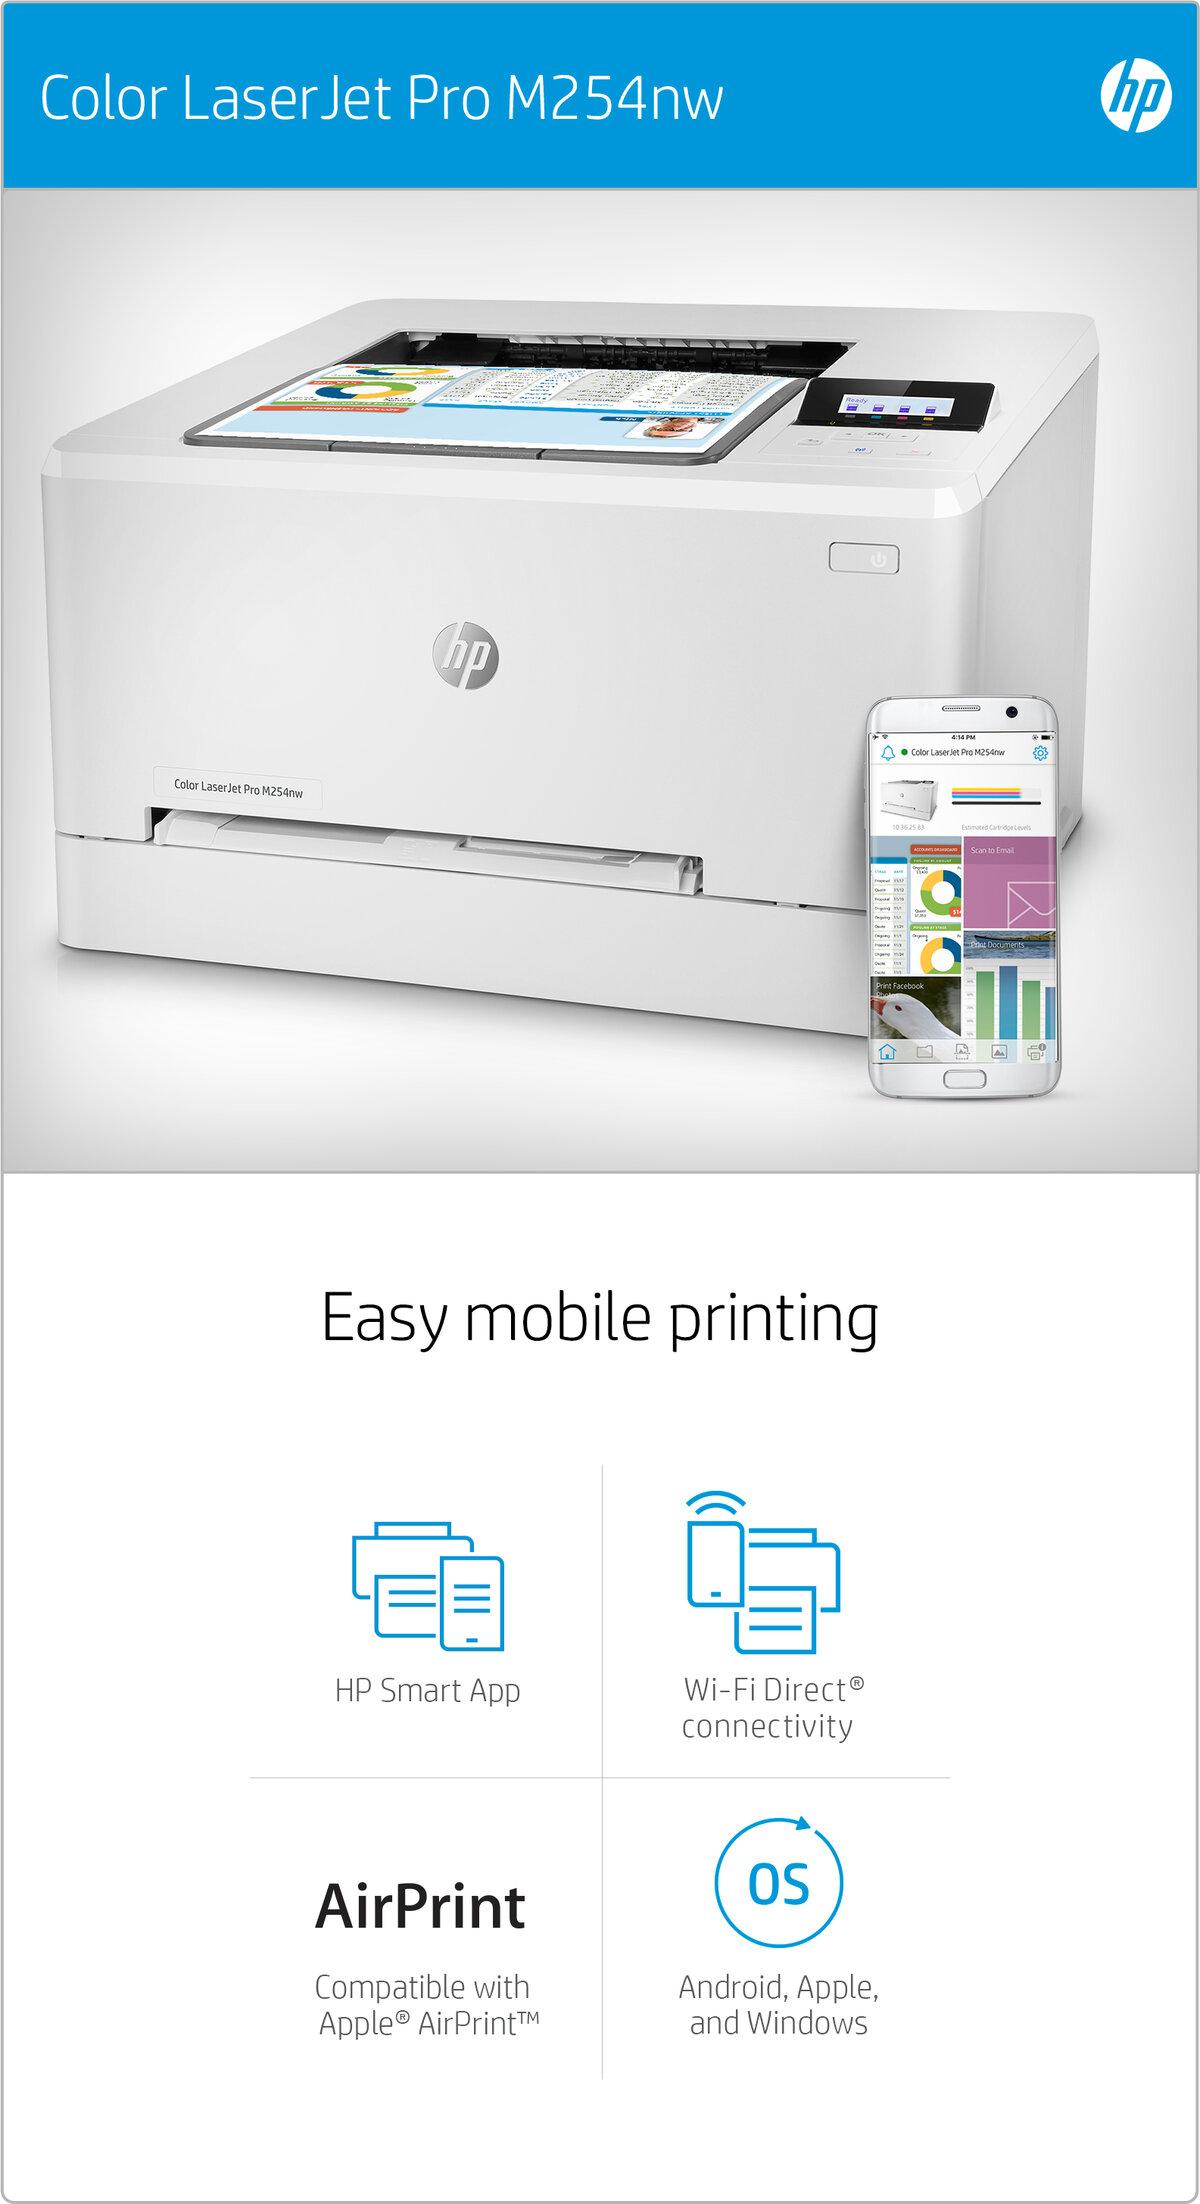 HP Color LaserJet Pro M254nw - printer - colour - laser / T6B59A#B19